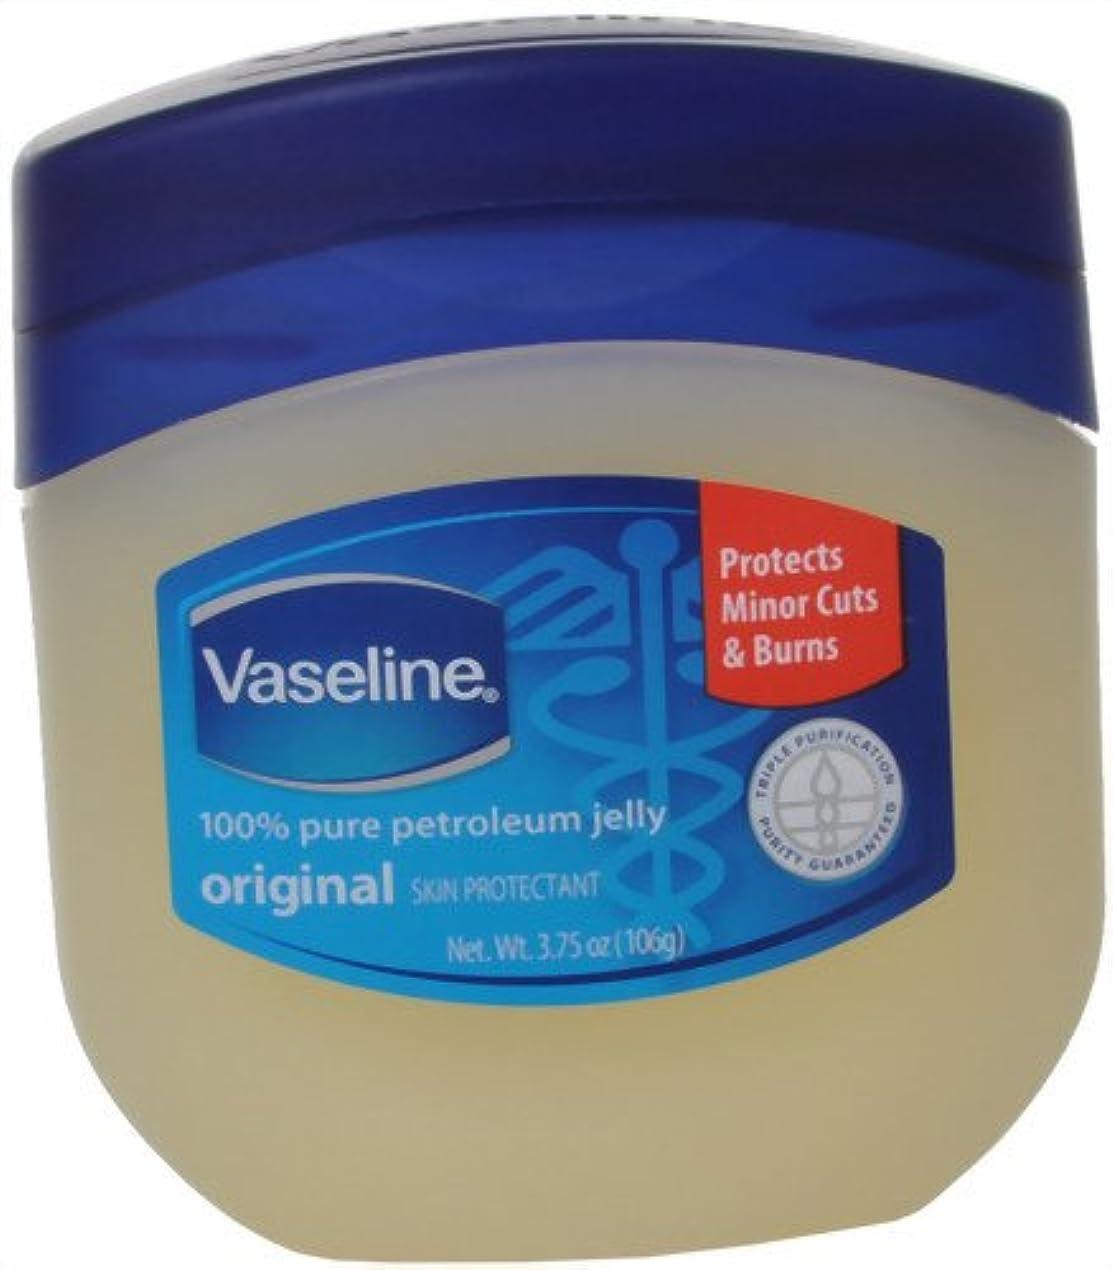 補助金毒液ハンサムヴァセリン ペトロリュームジェリー 保湿クリーム 106g